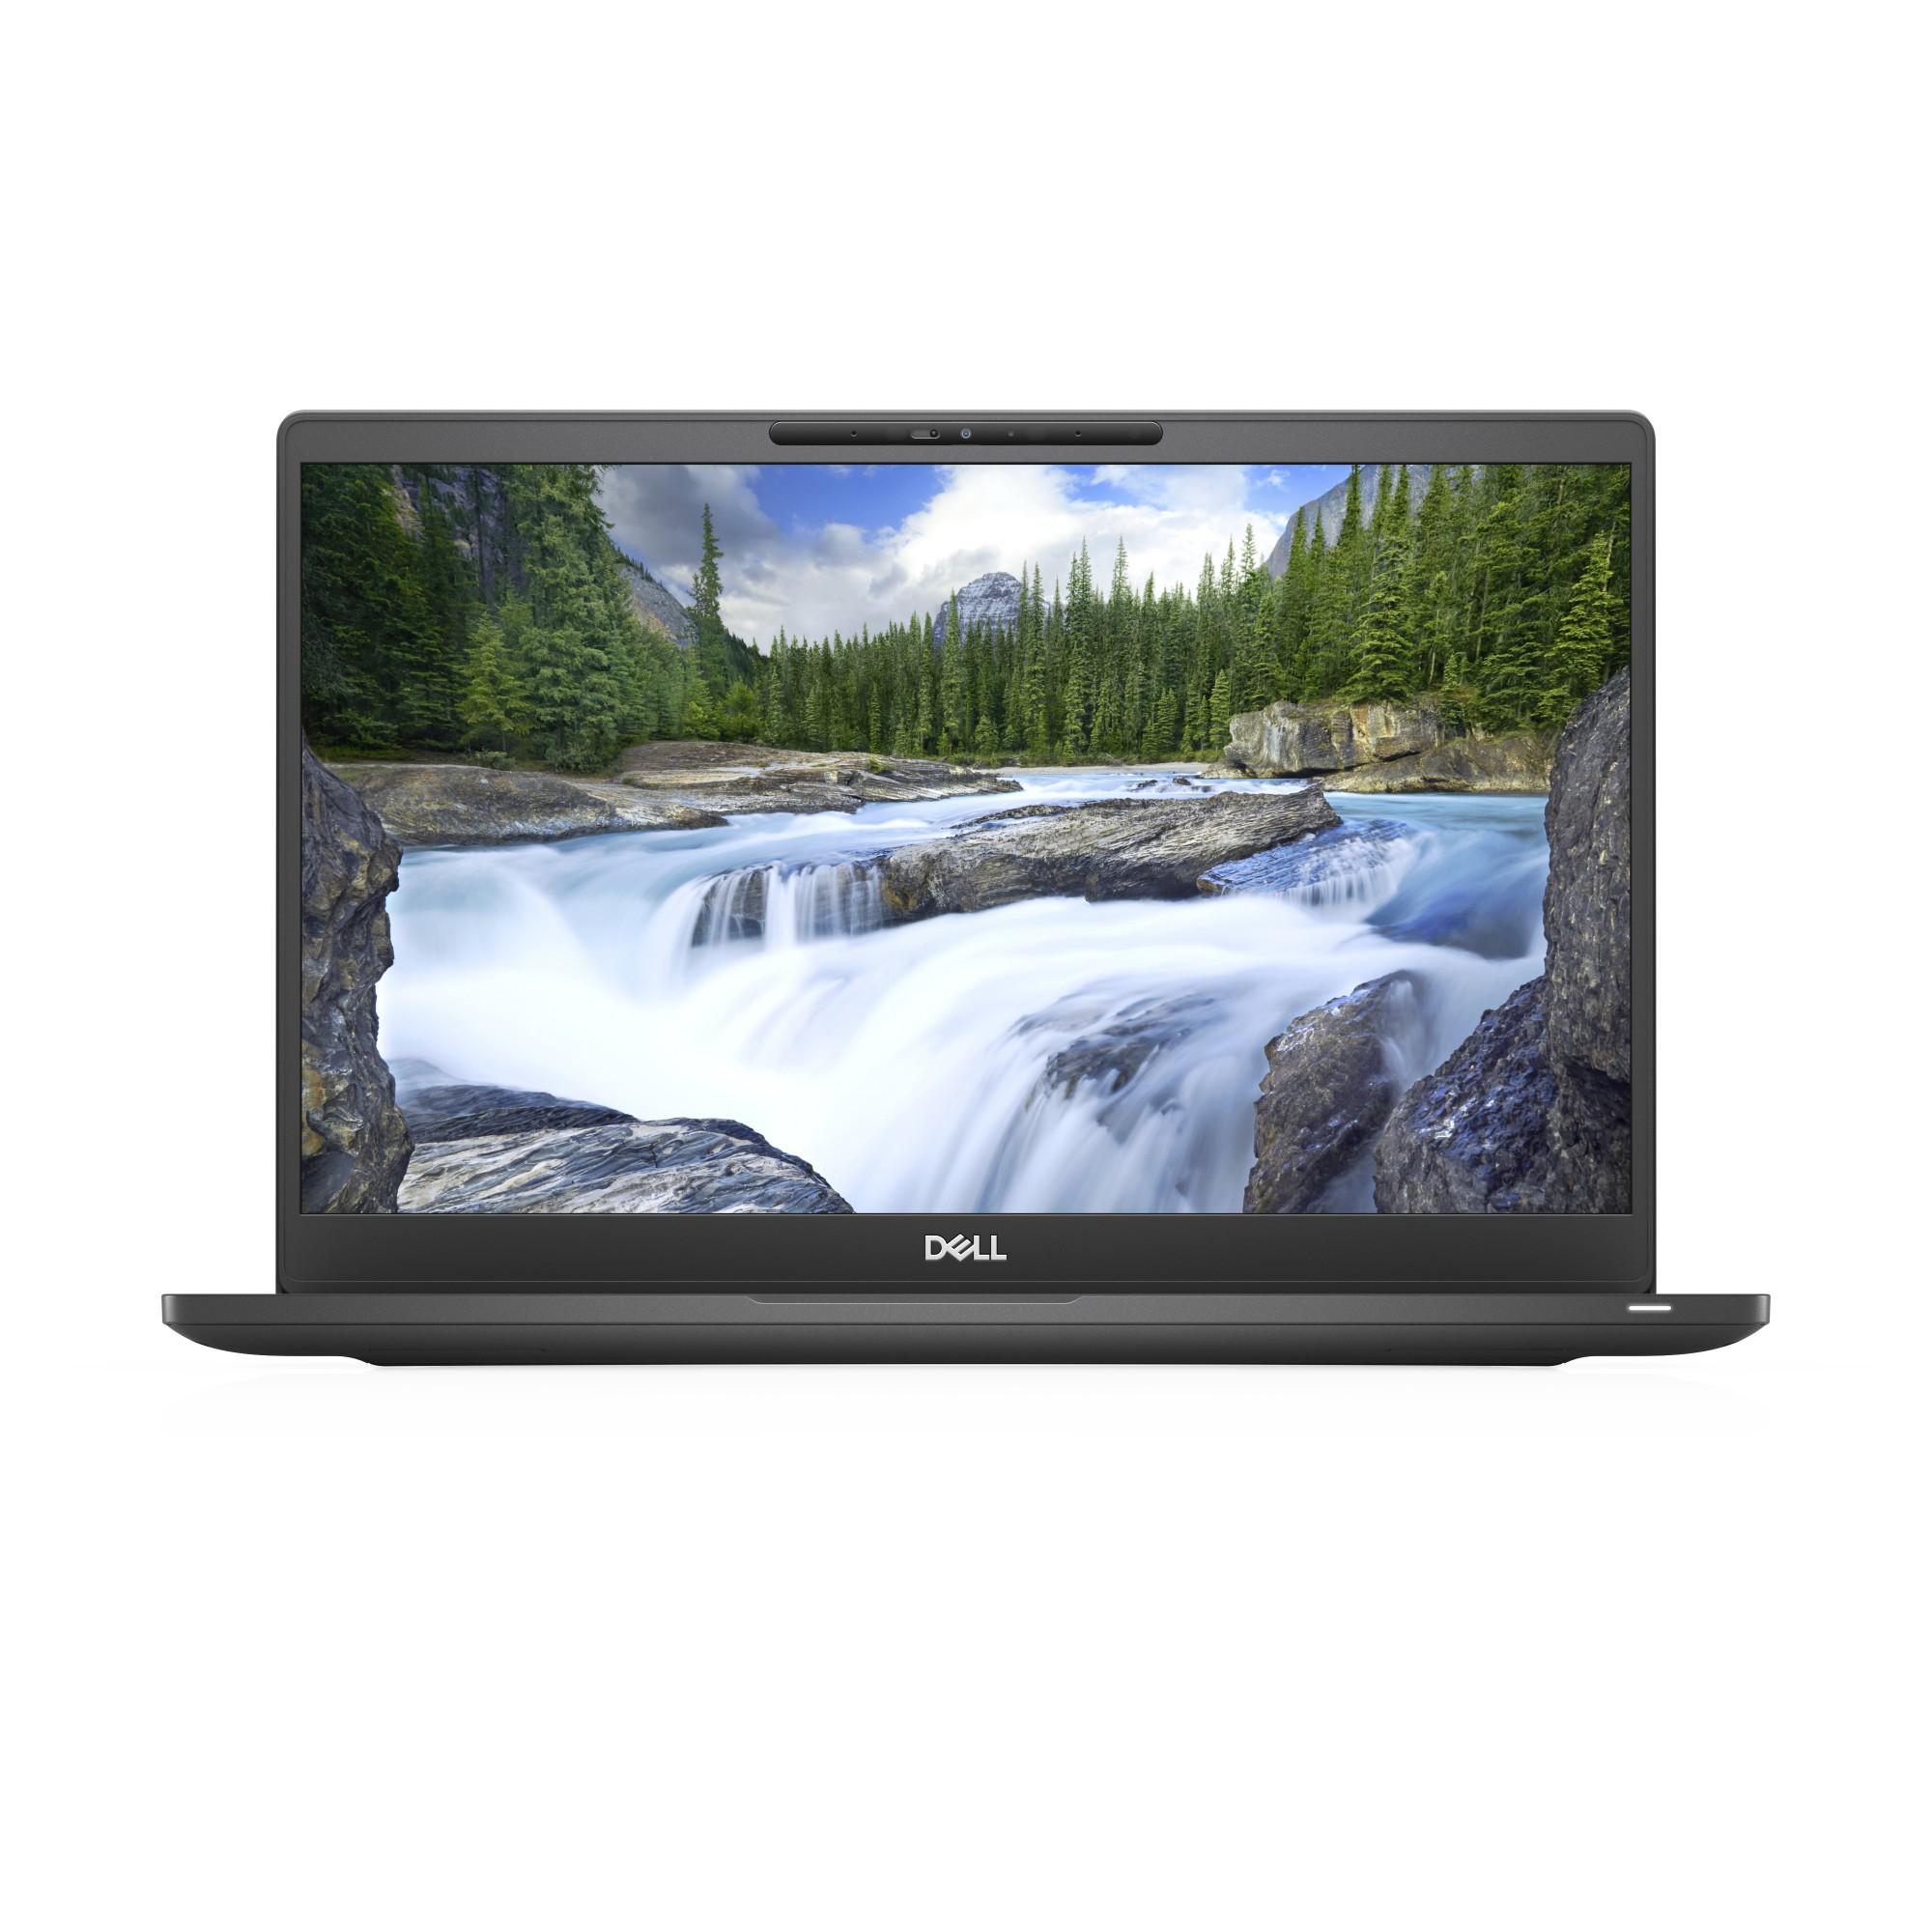 DELL Latitude 7300 Black Notebook 33 8 cm (13 3